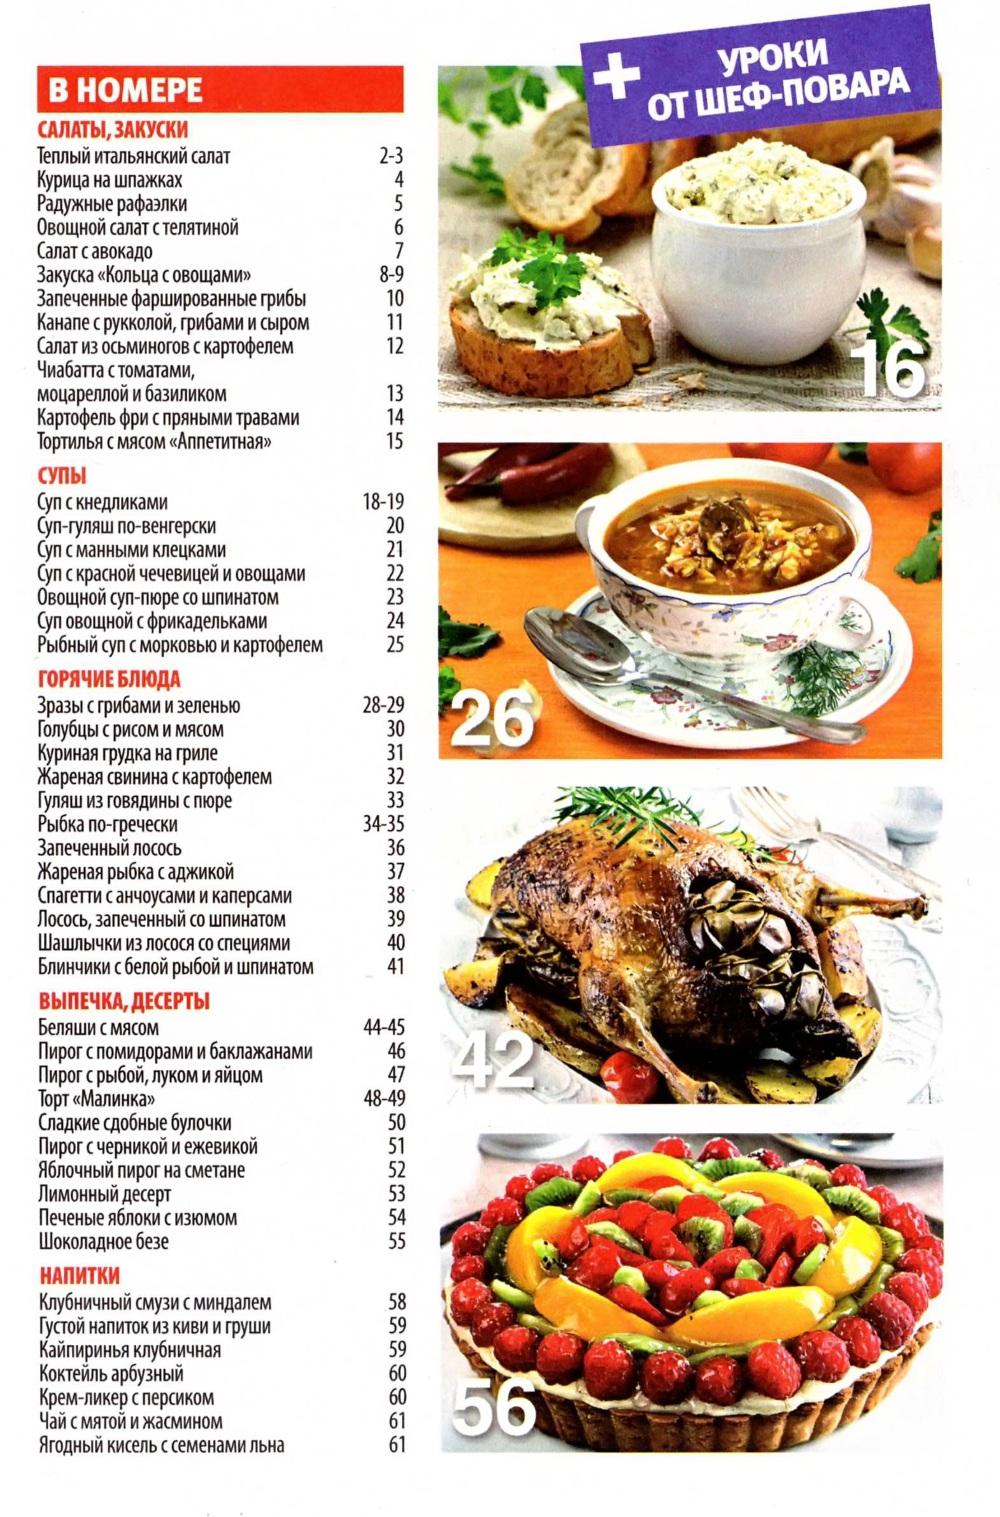 SHkola kulinara    17 2014 goda sod Любимый кулинарно информационный журнал «Школа кулинара №17 2014 года»